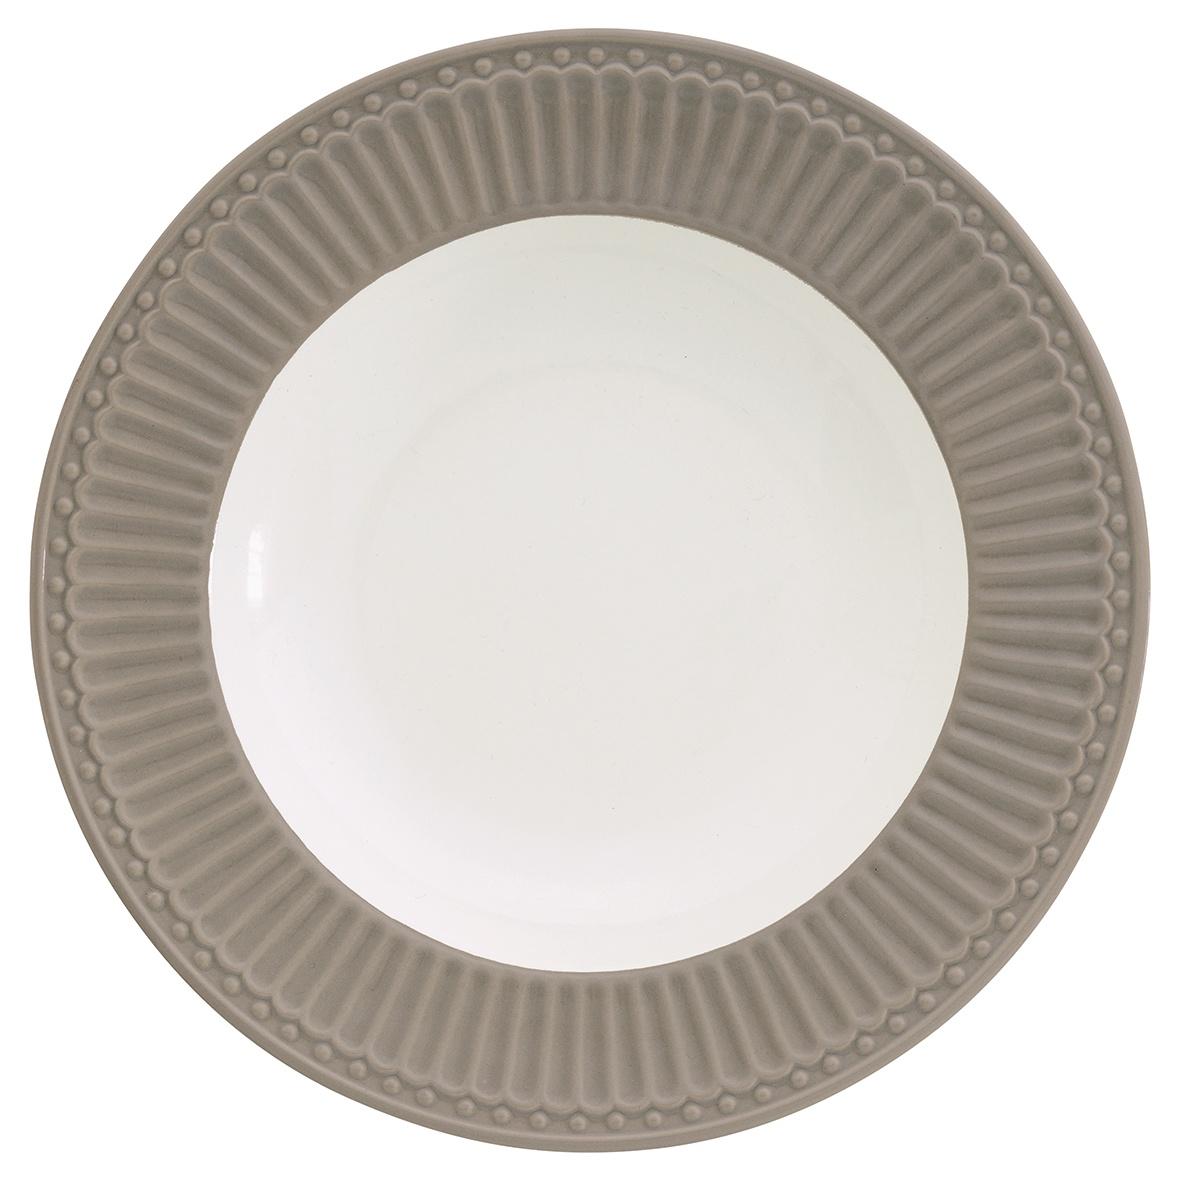 Глубокая тарелка Greengate Alice warm grey 21,5 см